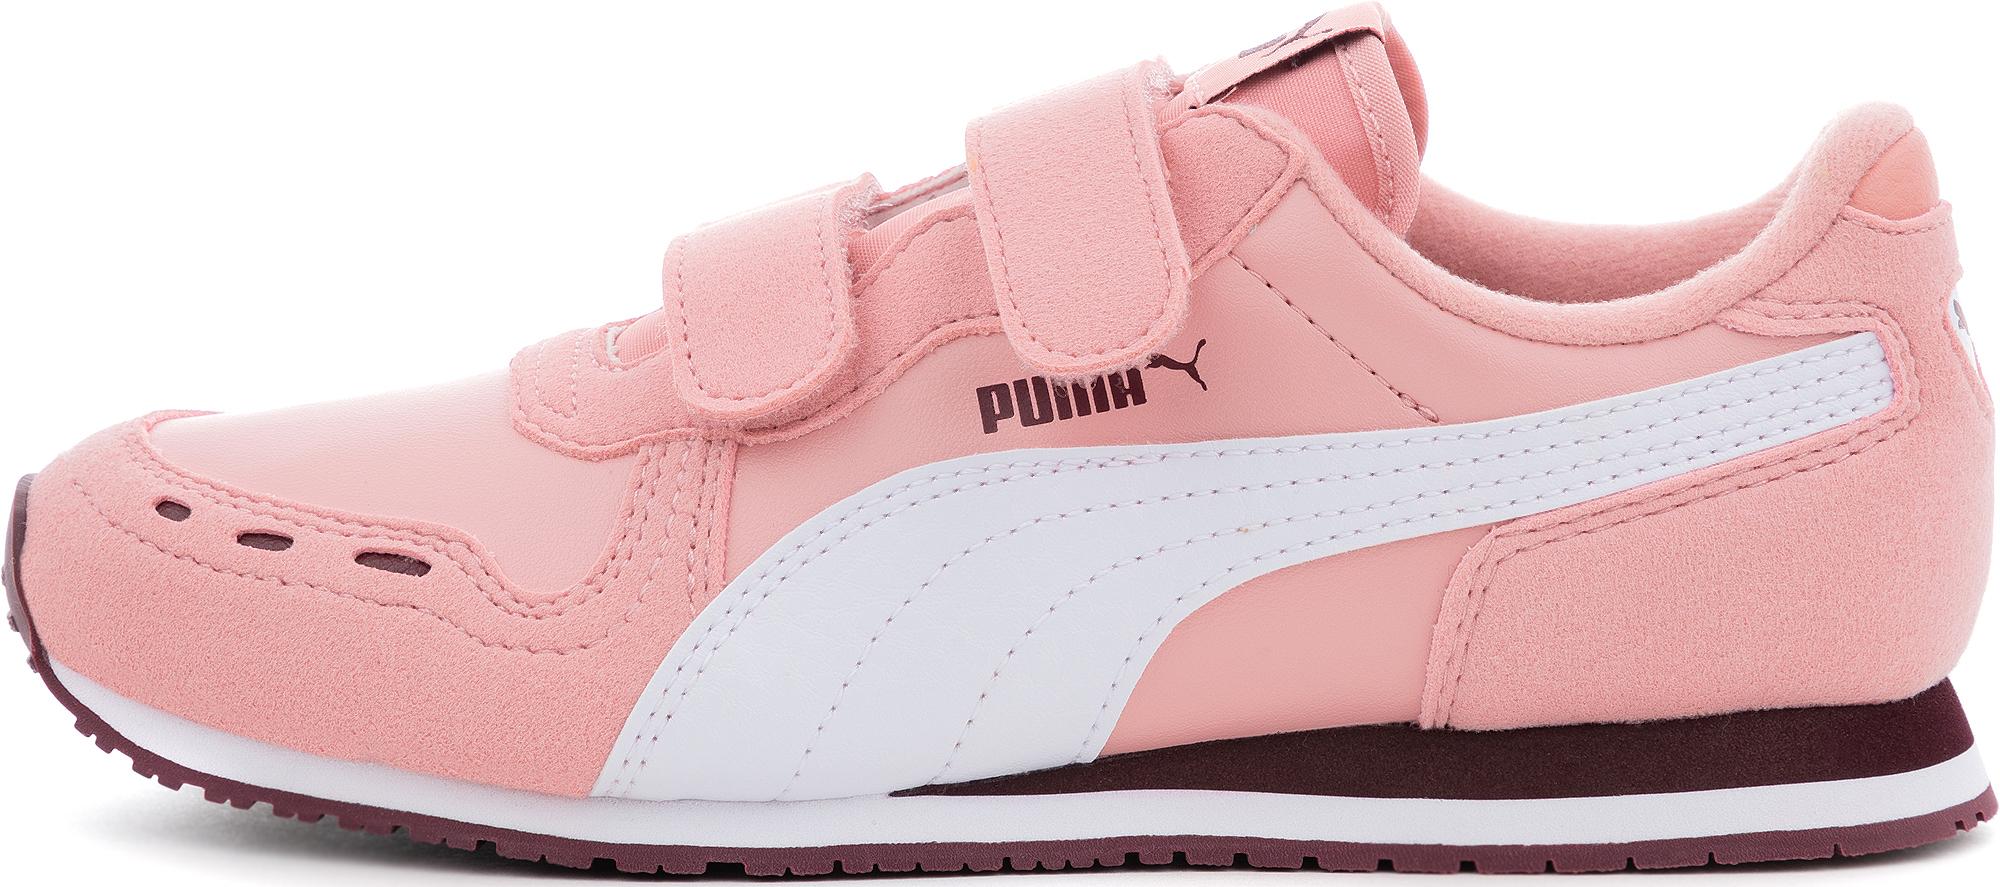 цена Puma Кроссовки для девочек Puma Cabana Racer Sl V Ps, размер 34 онлайн в 2017 году